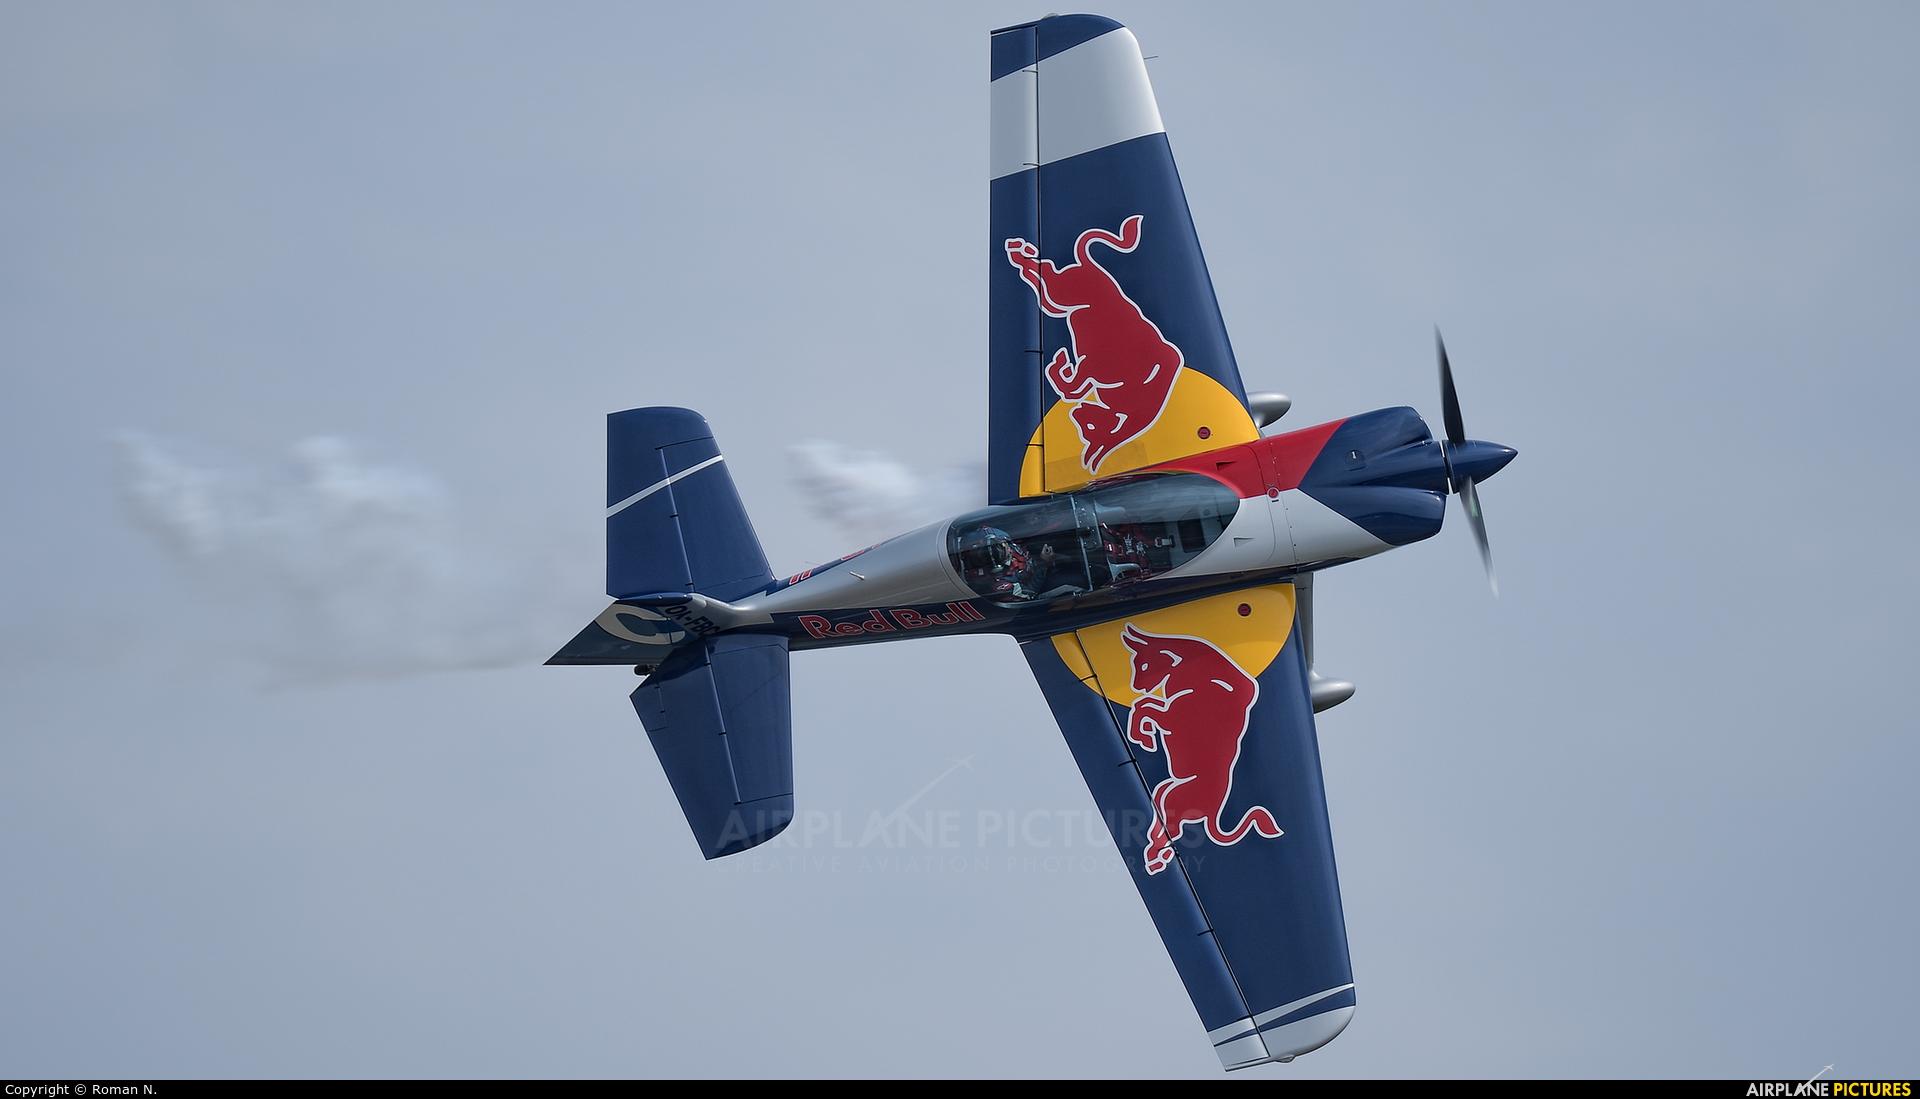 The Flying Bulls : Aerobatics Team OK-FBC aircraft at Hradec Králové